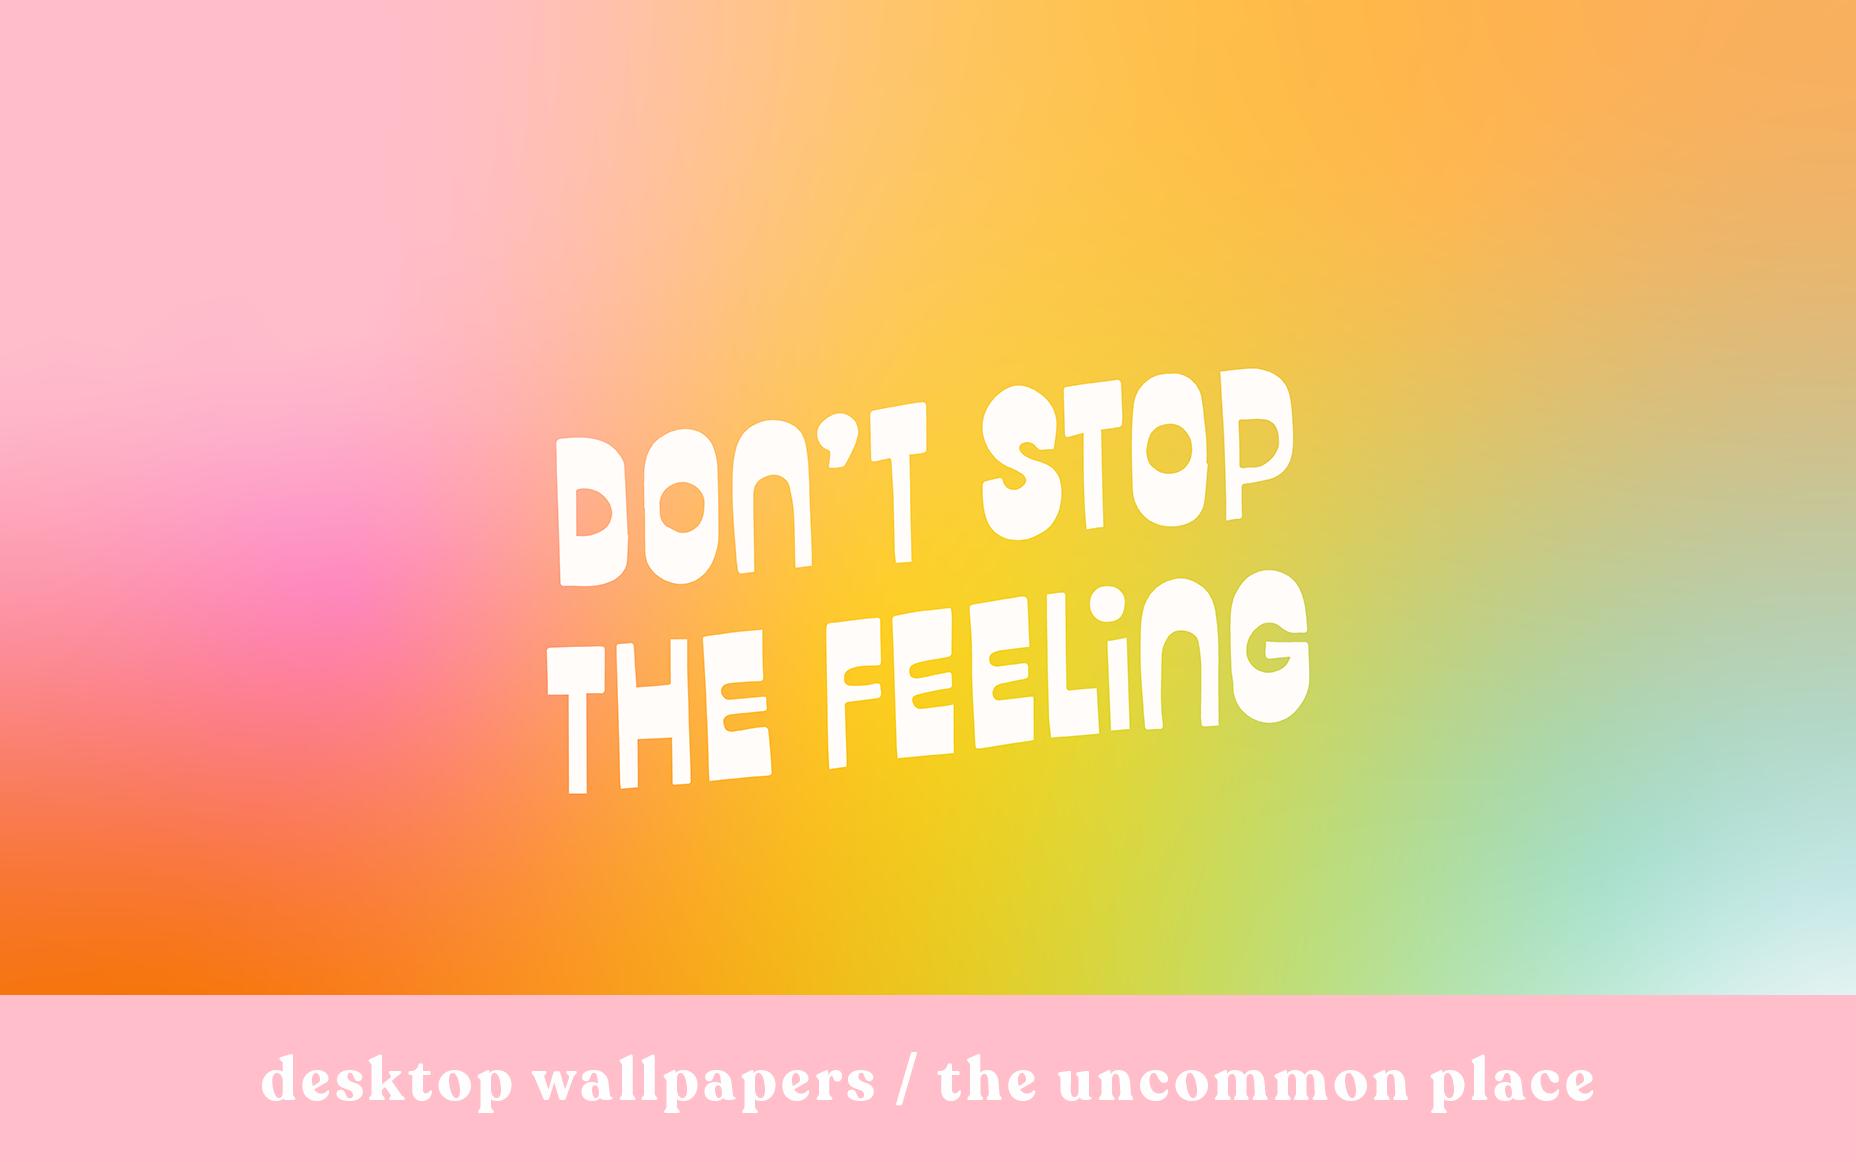 wallpaper-2-thumbnail.png